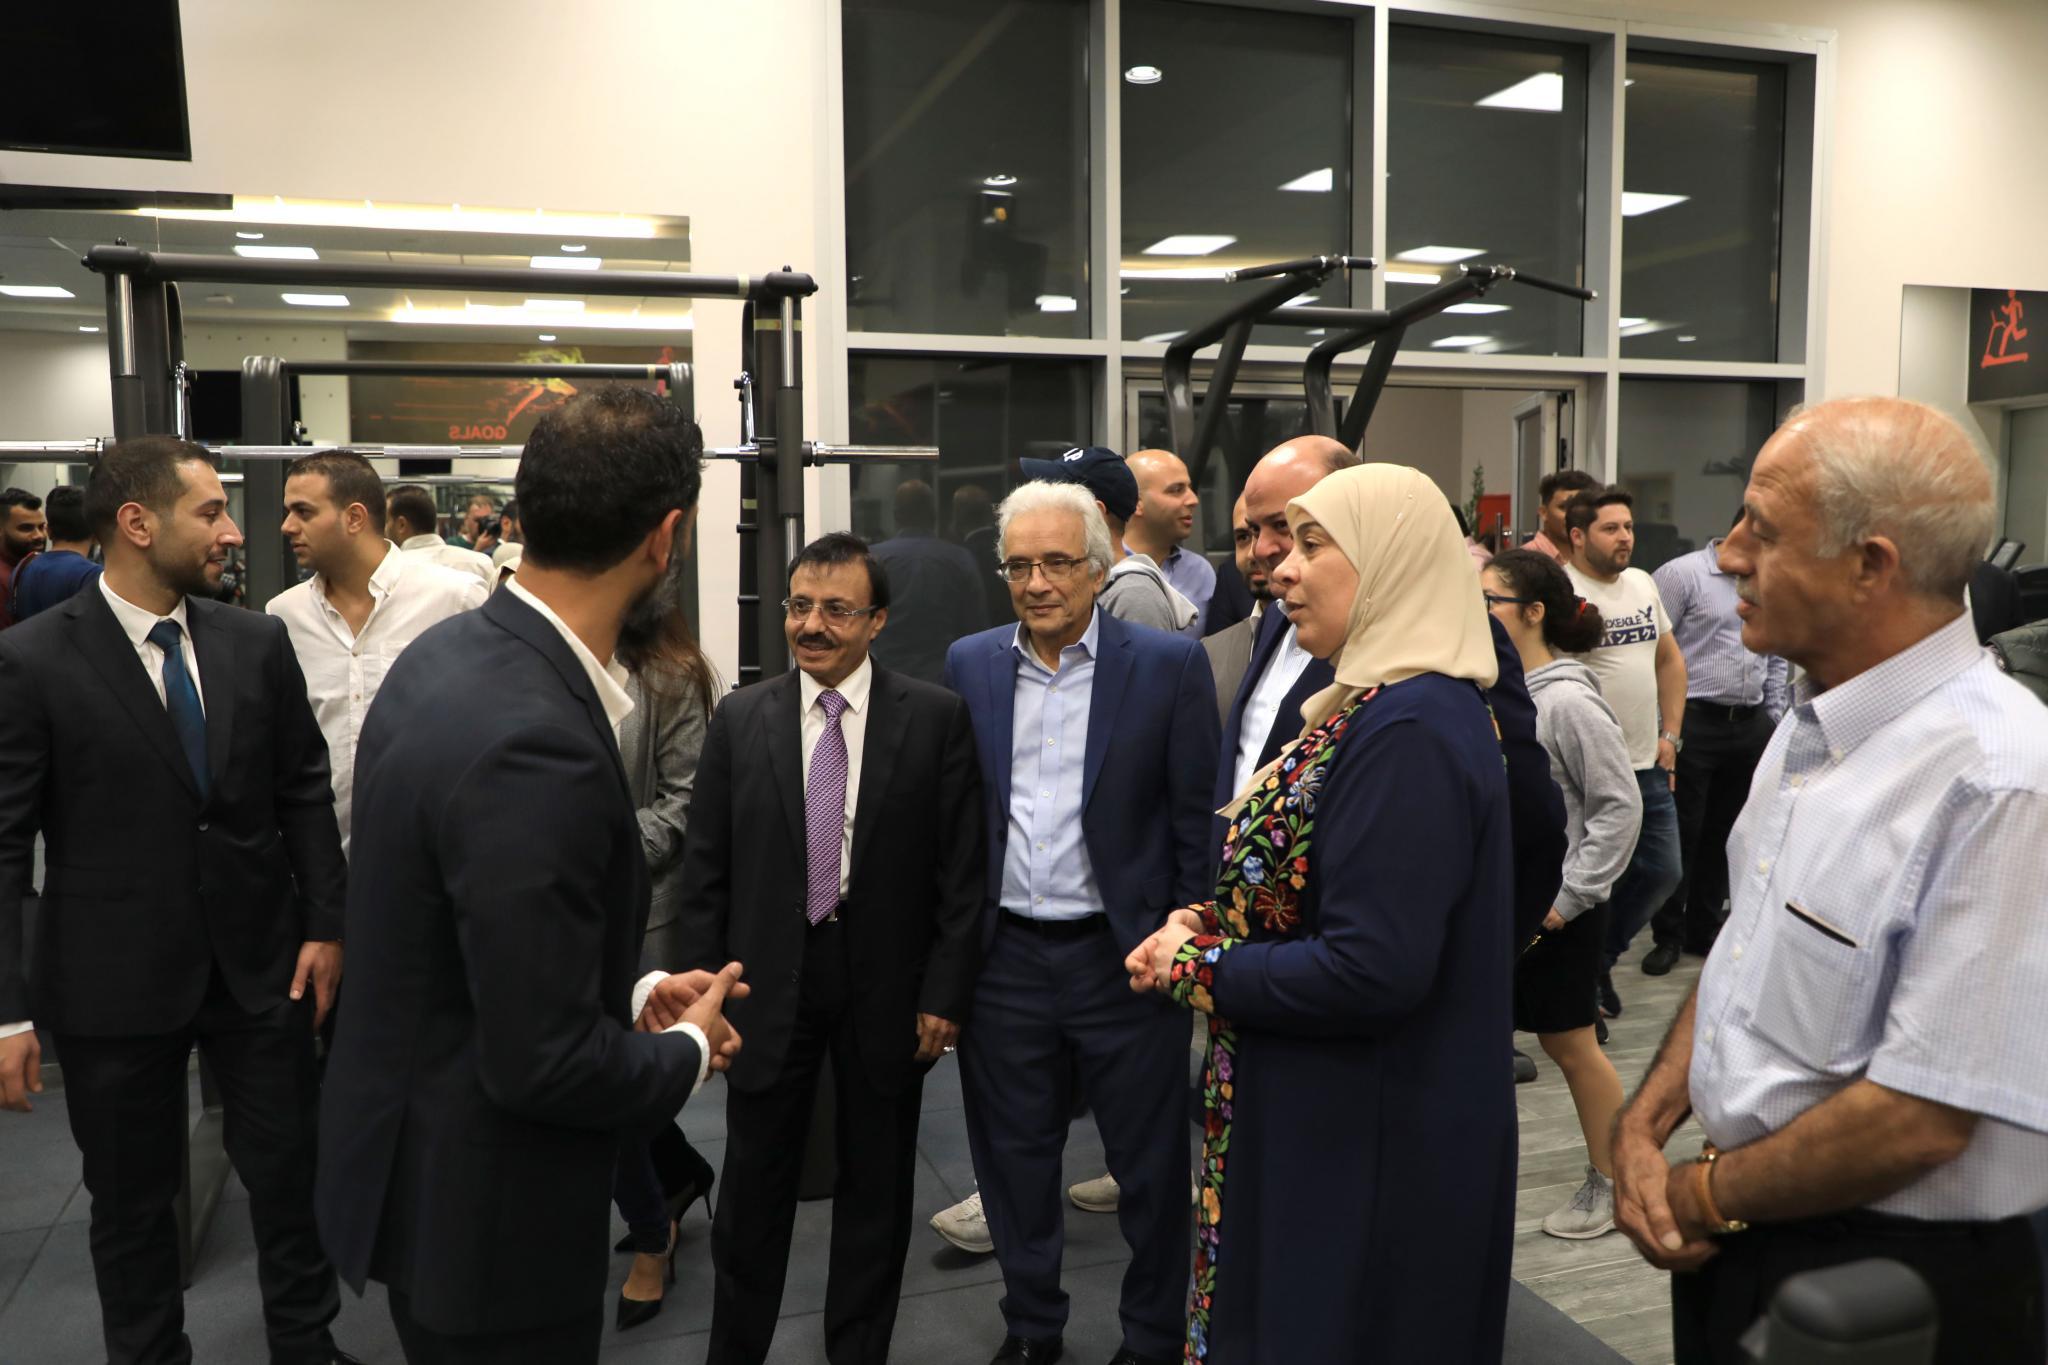 افتتاح نادي اللياقة البدنية في حرم الجامعة في رام الله